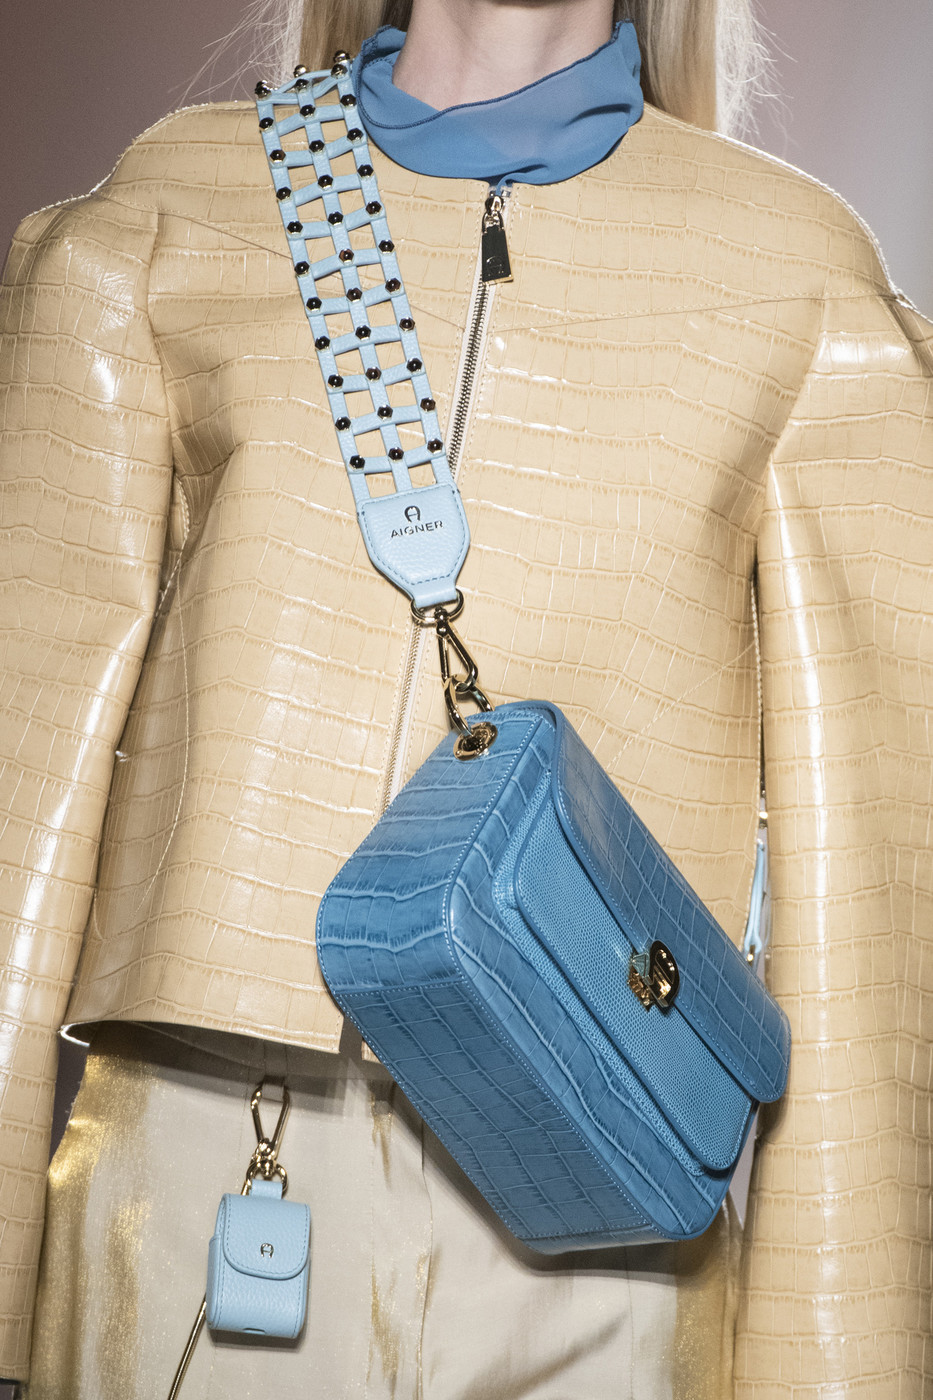 Aigner at Milan Fashion Week Spring 2020